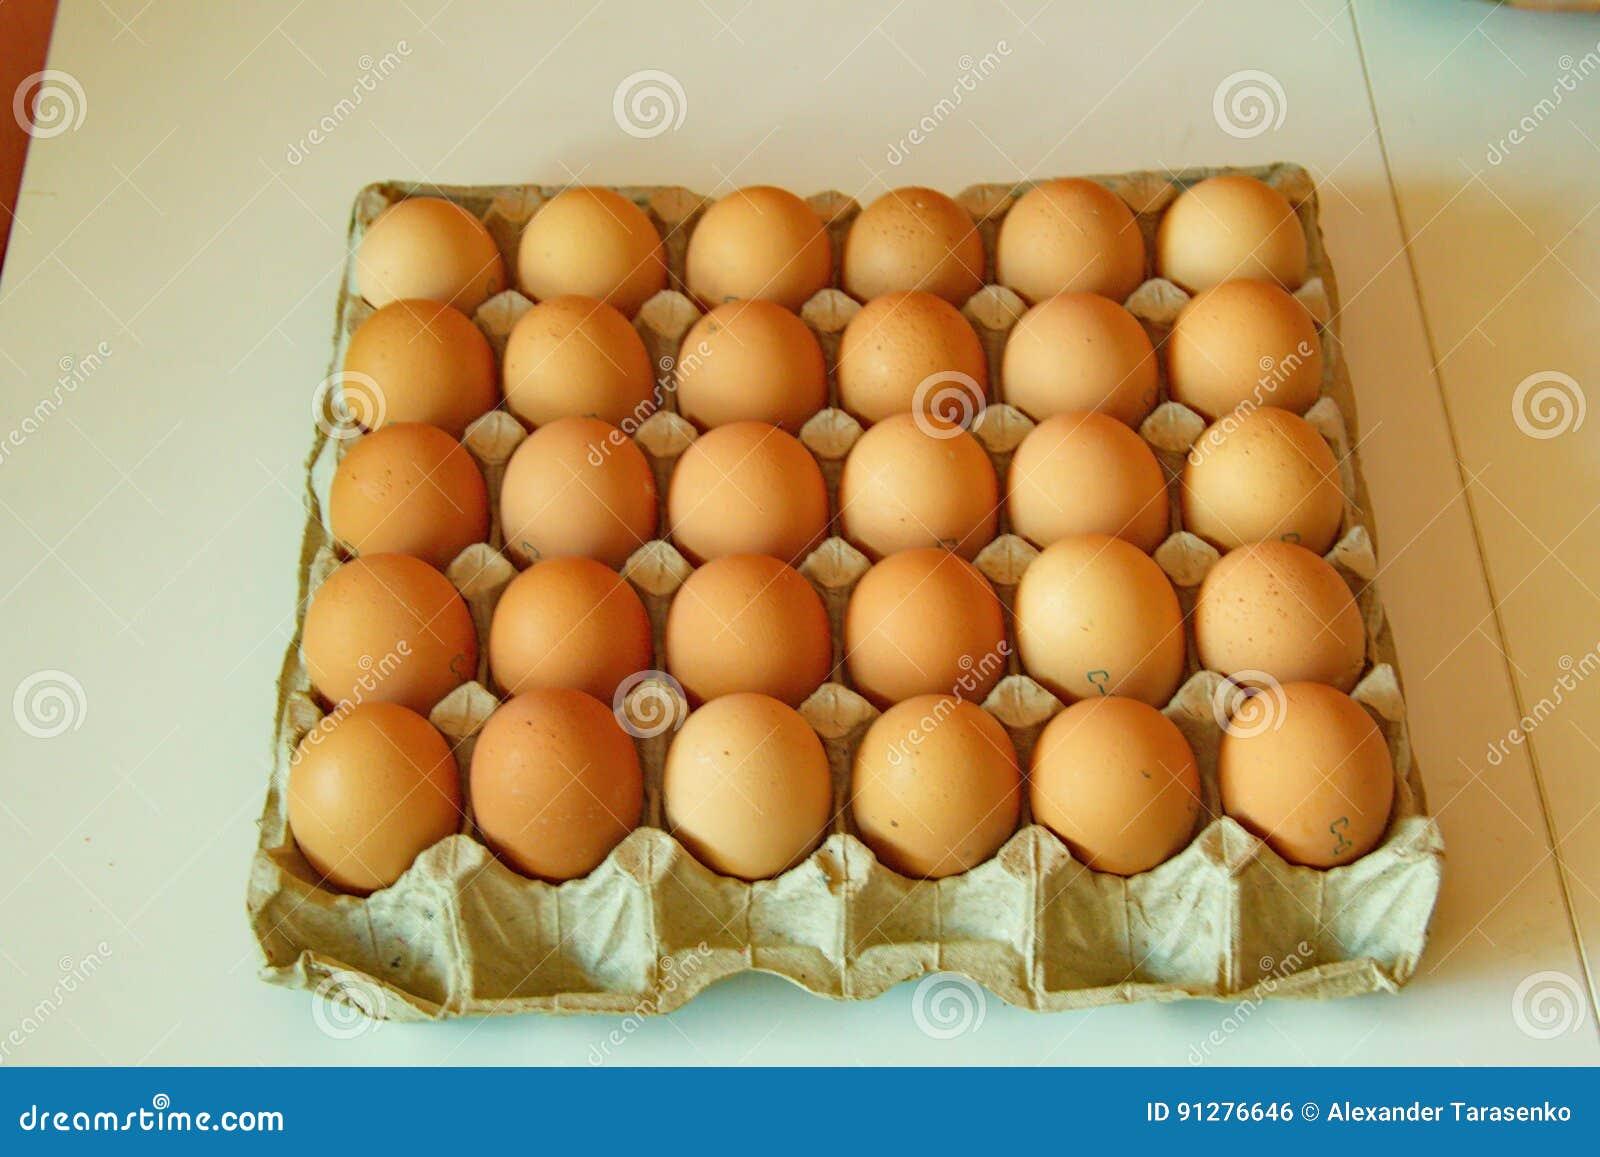 Lott av ägg i rad, perspektivsikt